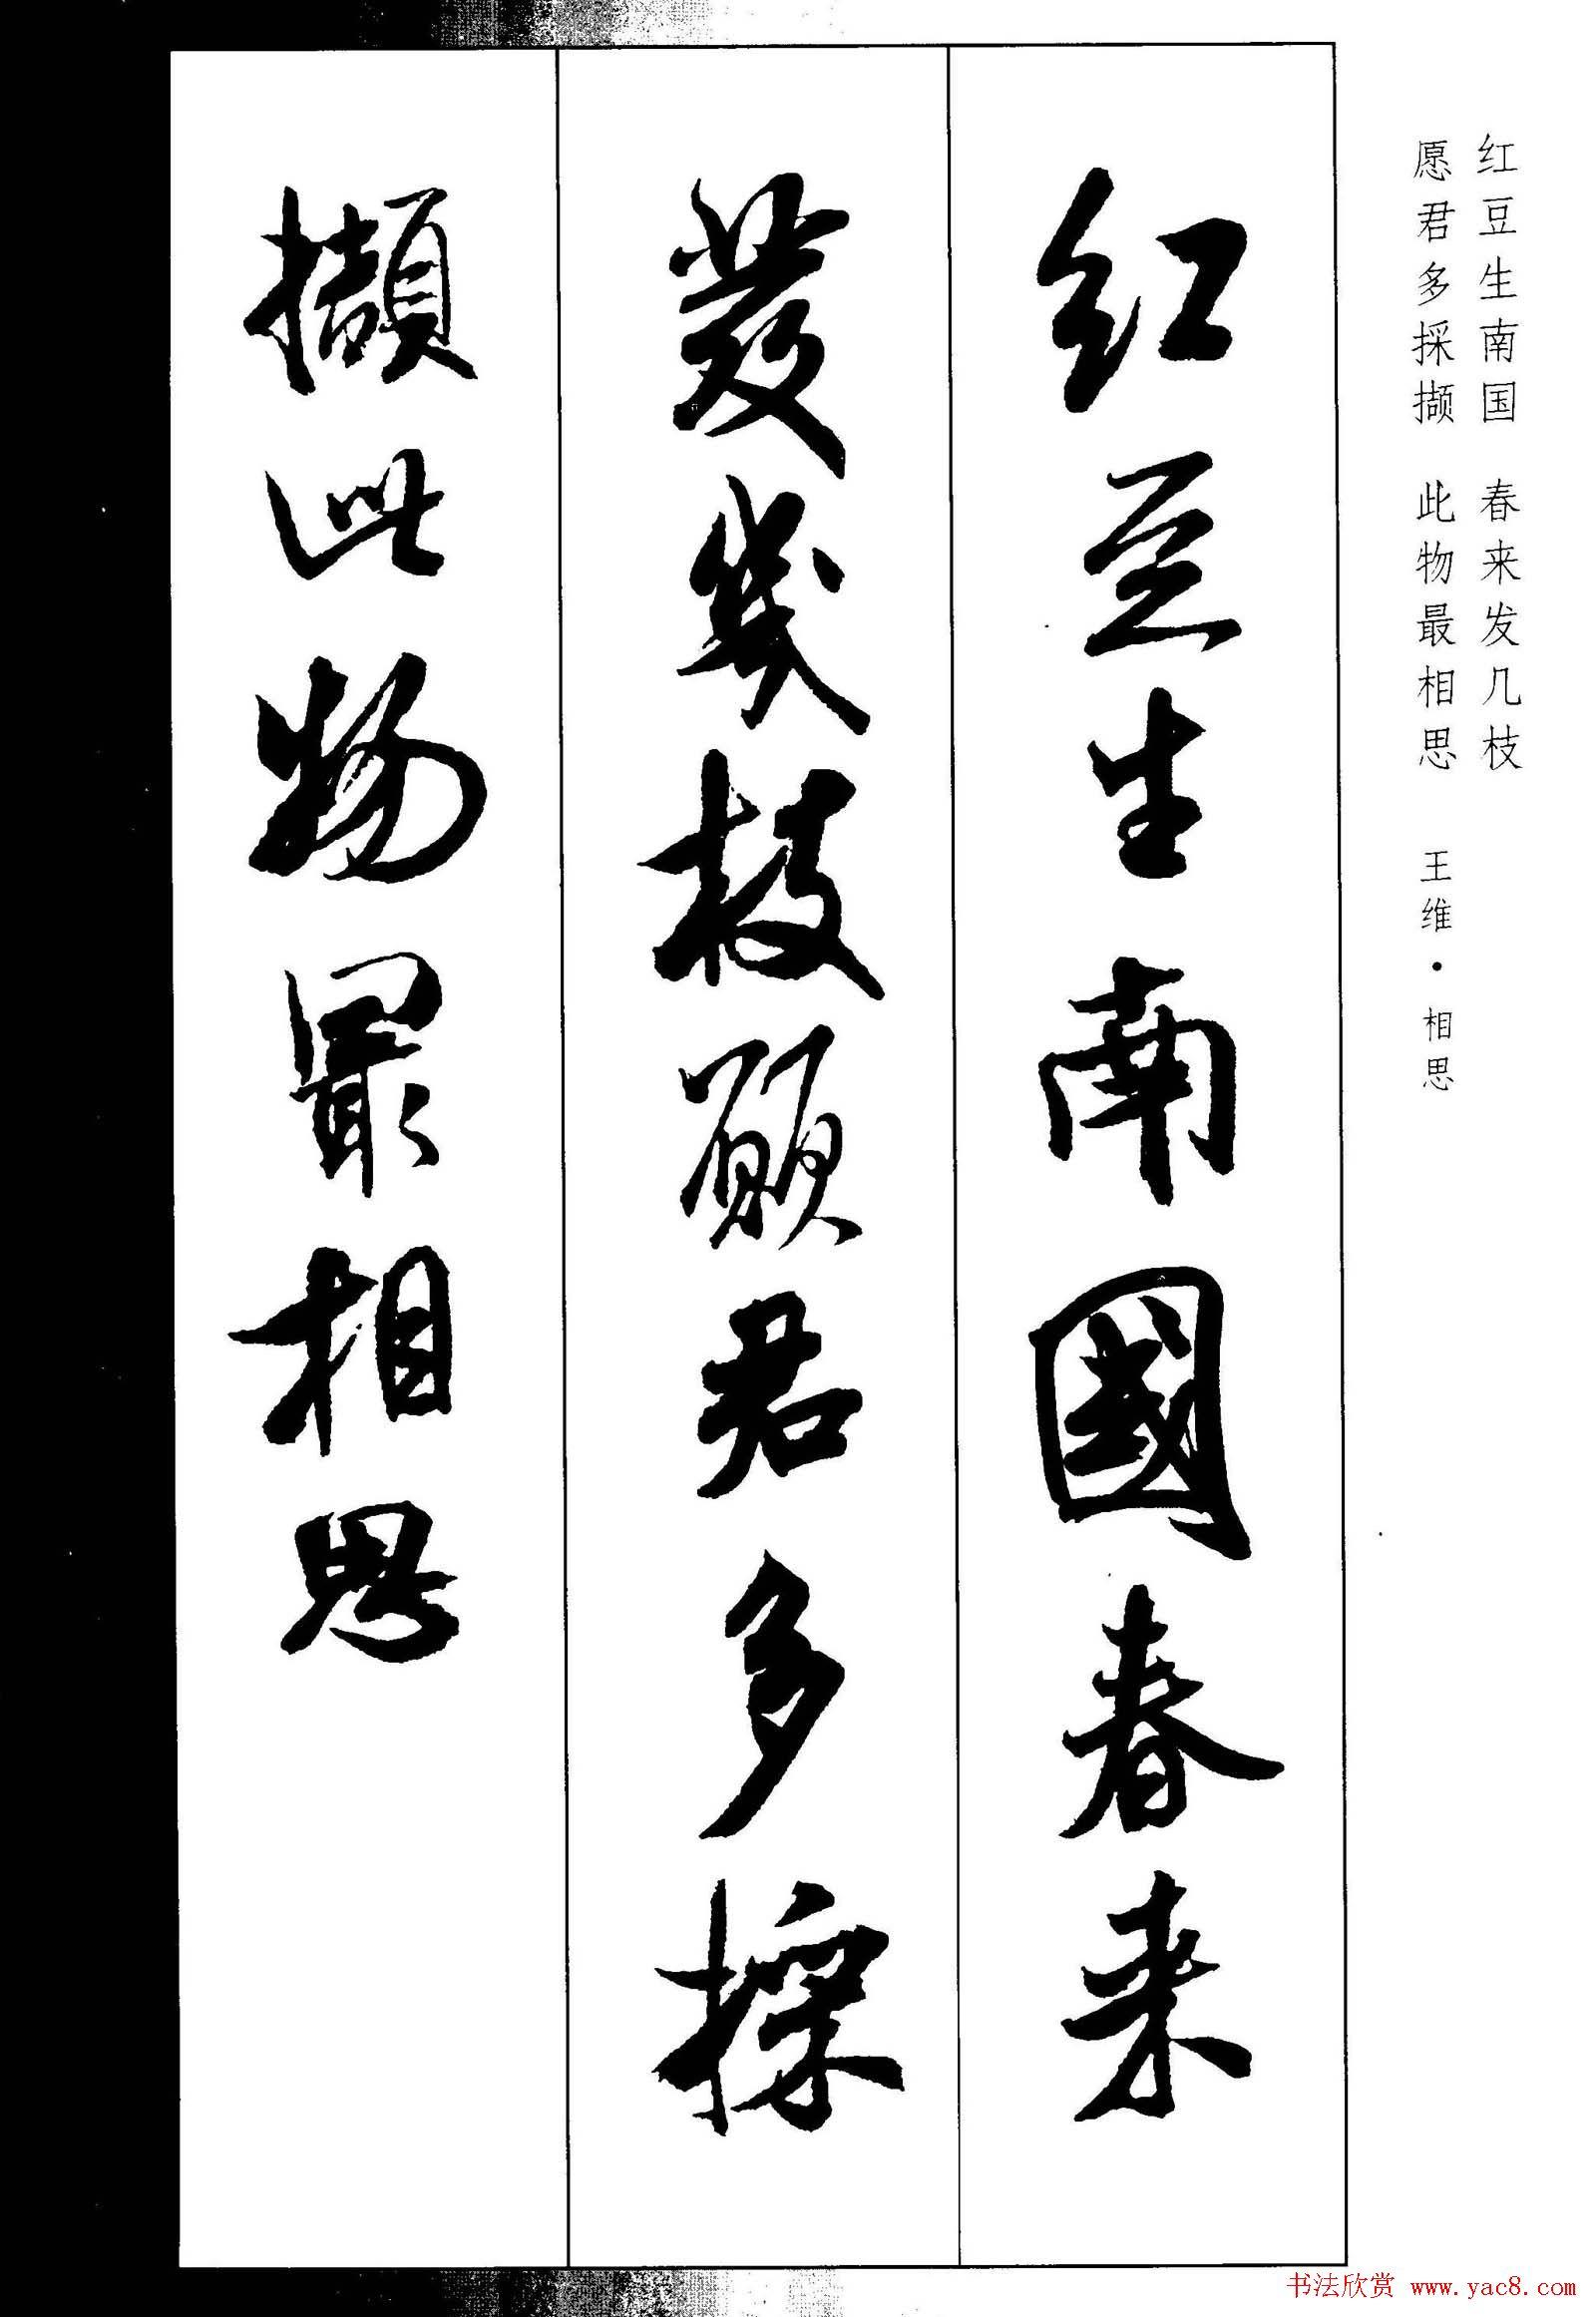 新概念书法字帖《米芾行书墨迹集字古诗》